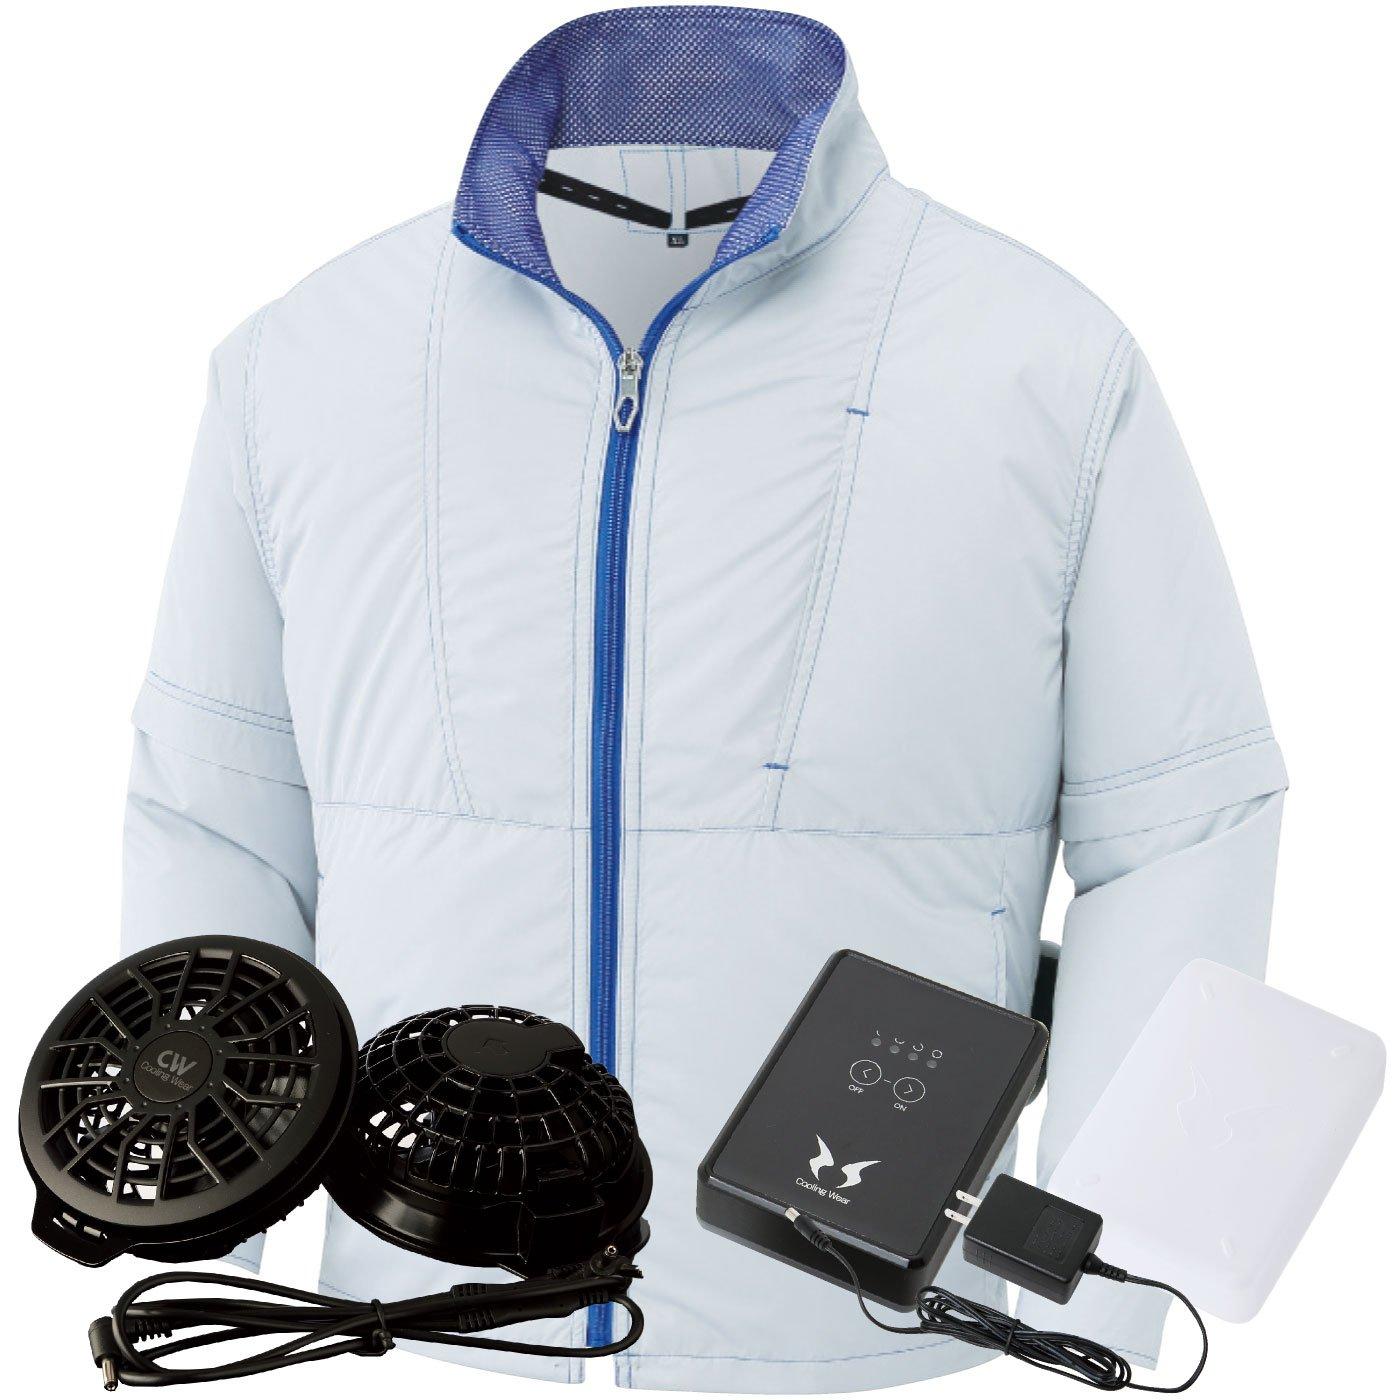 サンエス(SUN-S) 空調風神服 (空調服+ファンRD9820R+バッテリーRD9870J) ss-ku91620-l B07BSHF9M5 4L シルバー/ブラックファン シルバー/ブラックファン 4L